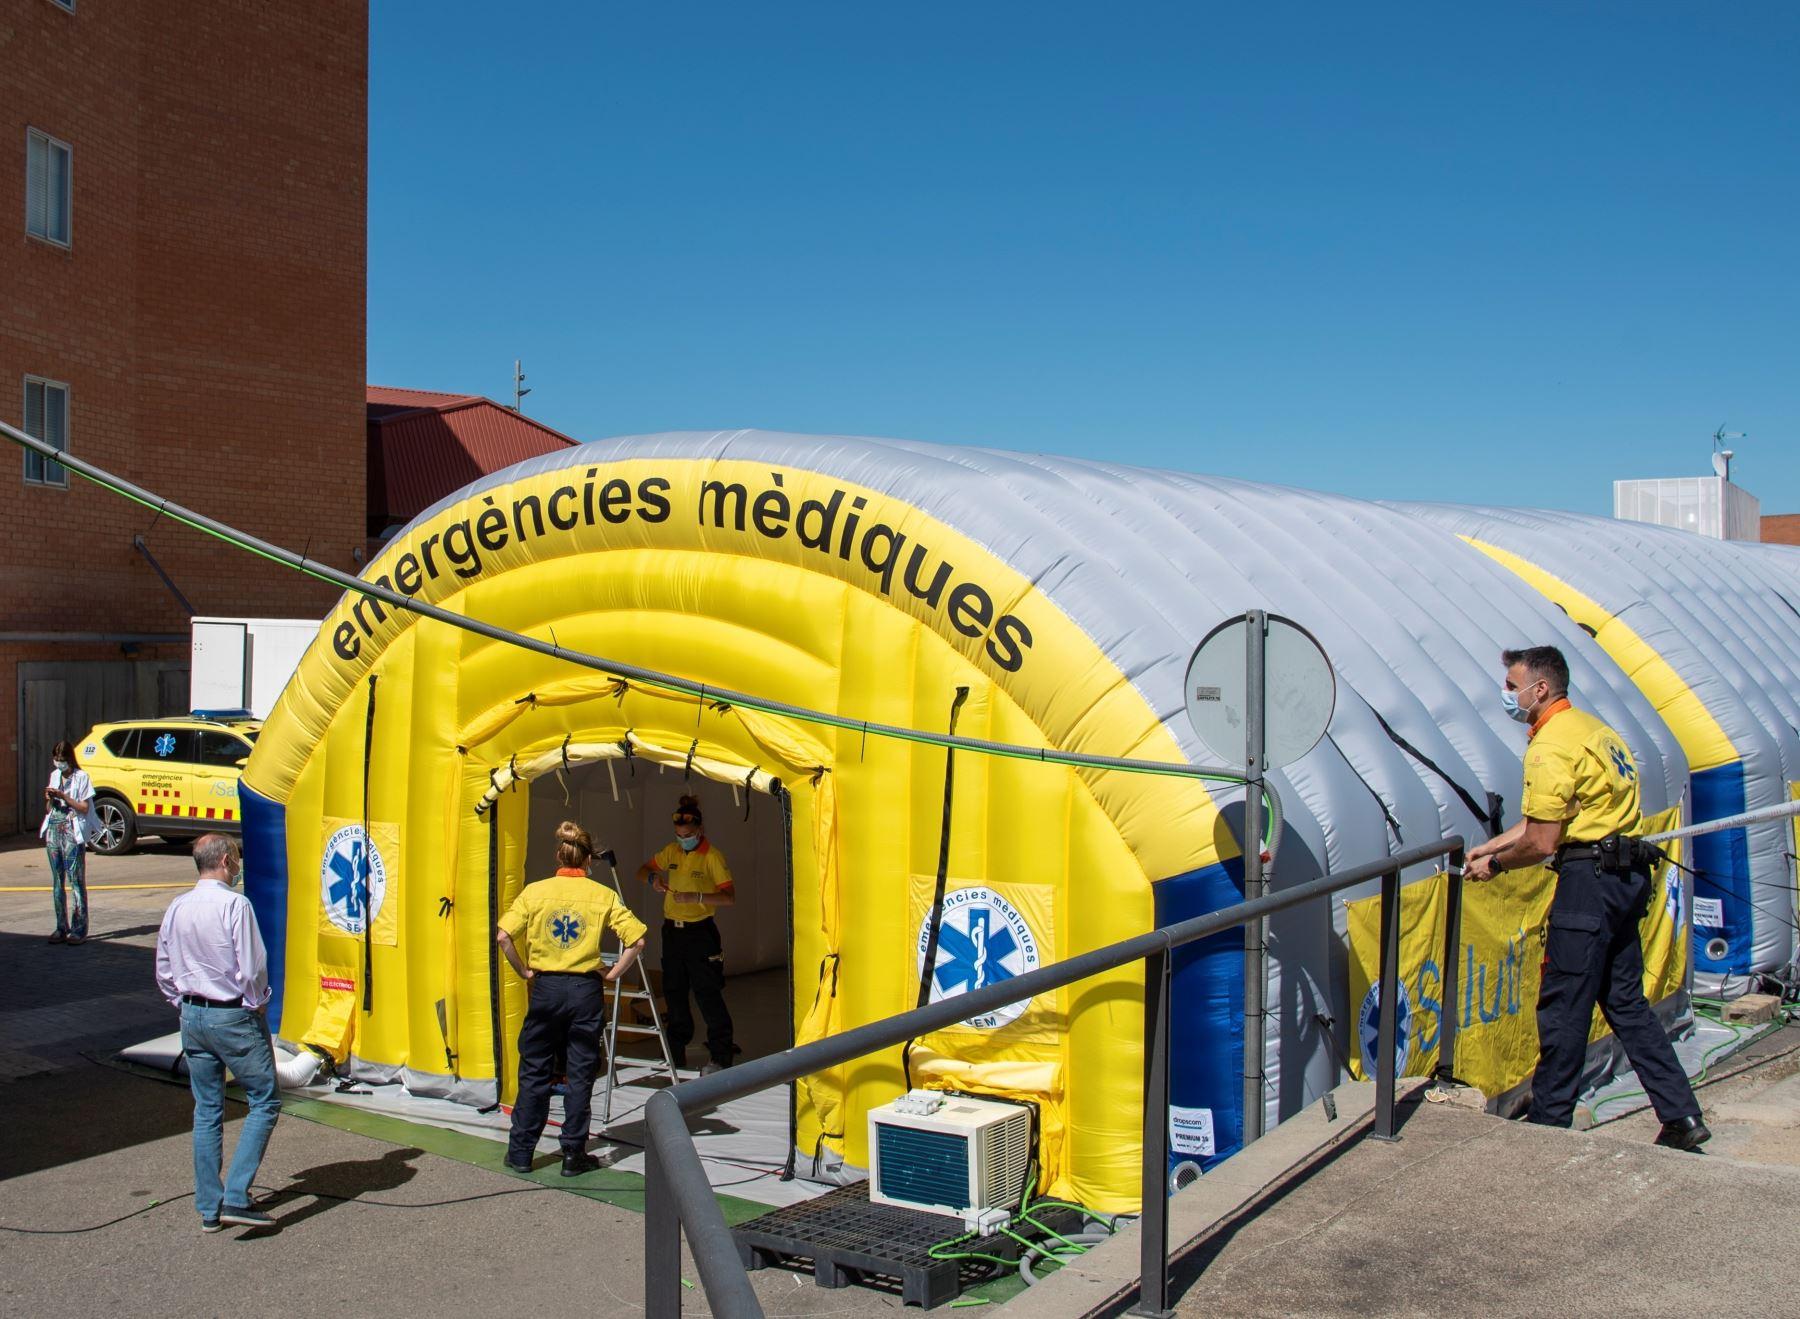 El Sistema de Emergencias Médicas (SEM) de la Generalitat de Cataluña ha instalado un hospital de campaña, formado por tres módulos independientes, junto al Hospital Universitario Arnau de Vilanova de Lleida, ante los nuevos brotes de coronavirus surgidos en los últimos días en esta demarcación. Foto: EFE